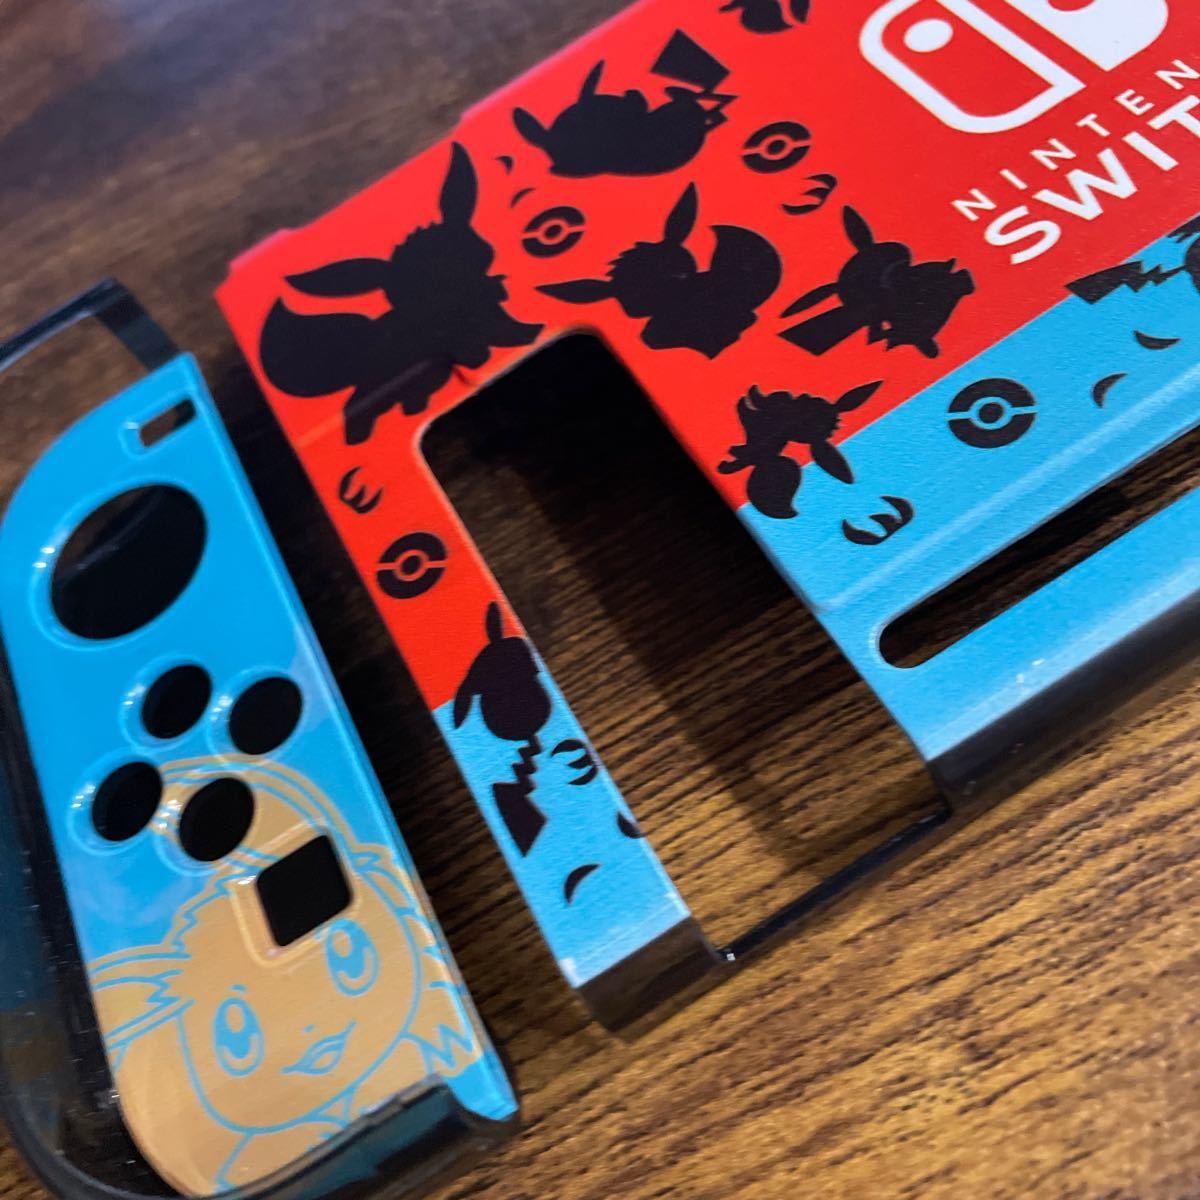 Nintendo Switch  ポケモン ポケットモンスター ニンテンドースイッチ  保護 カバー イーブイピカチュウ